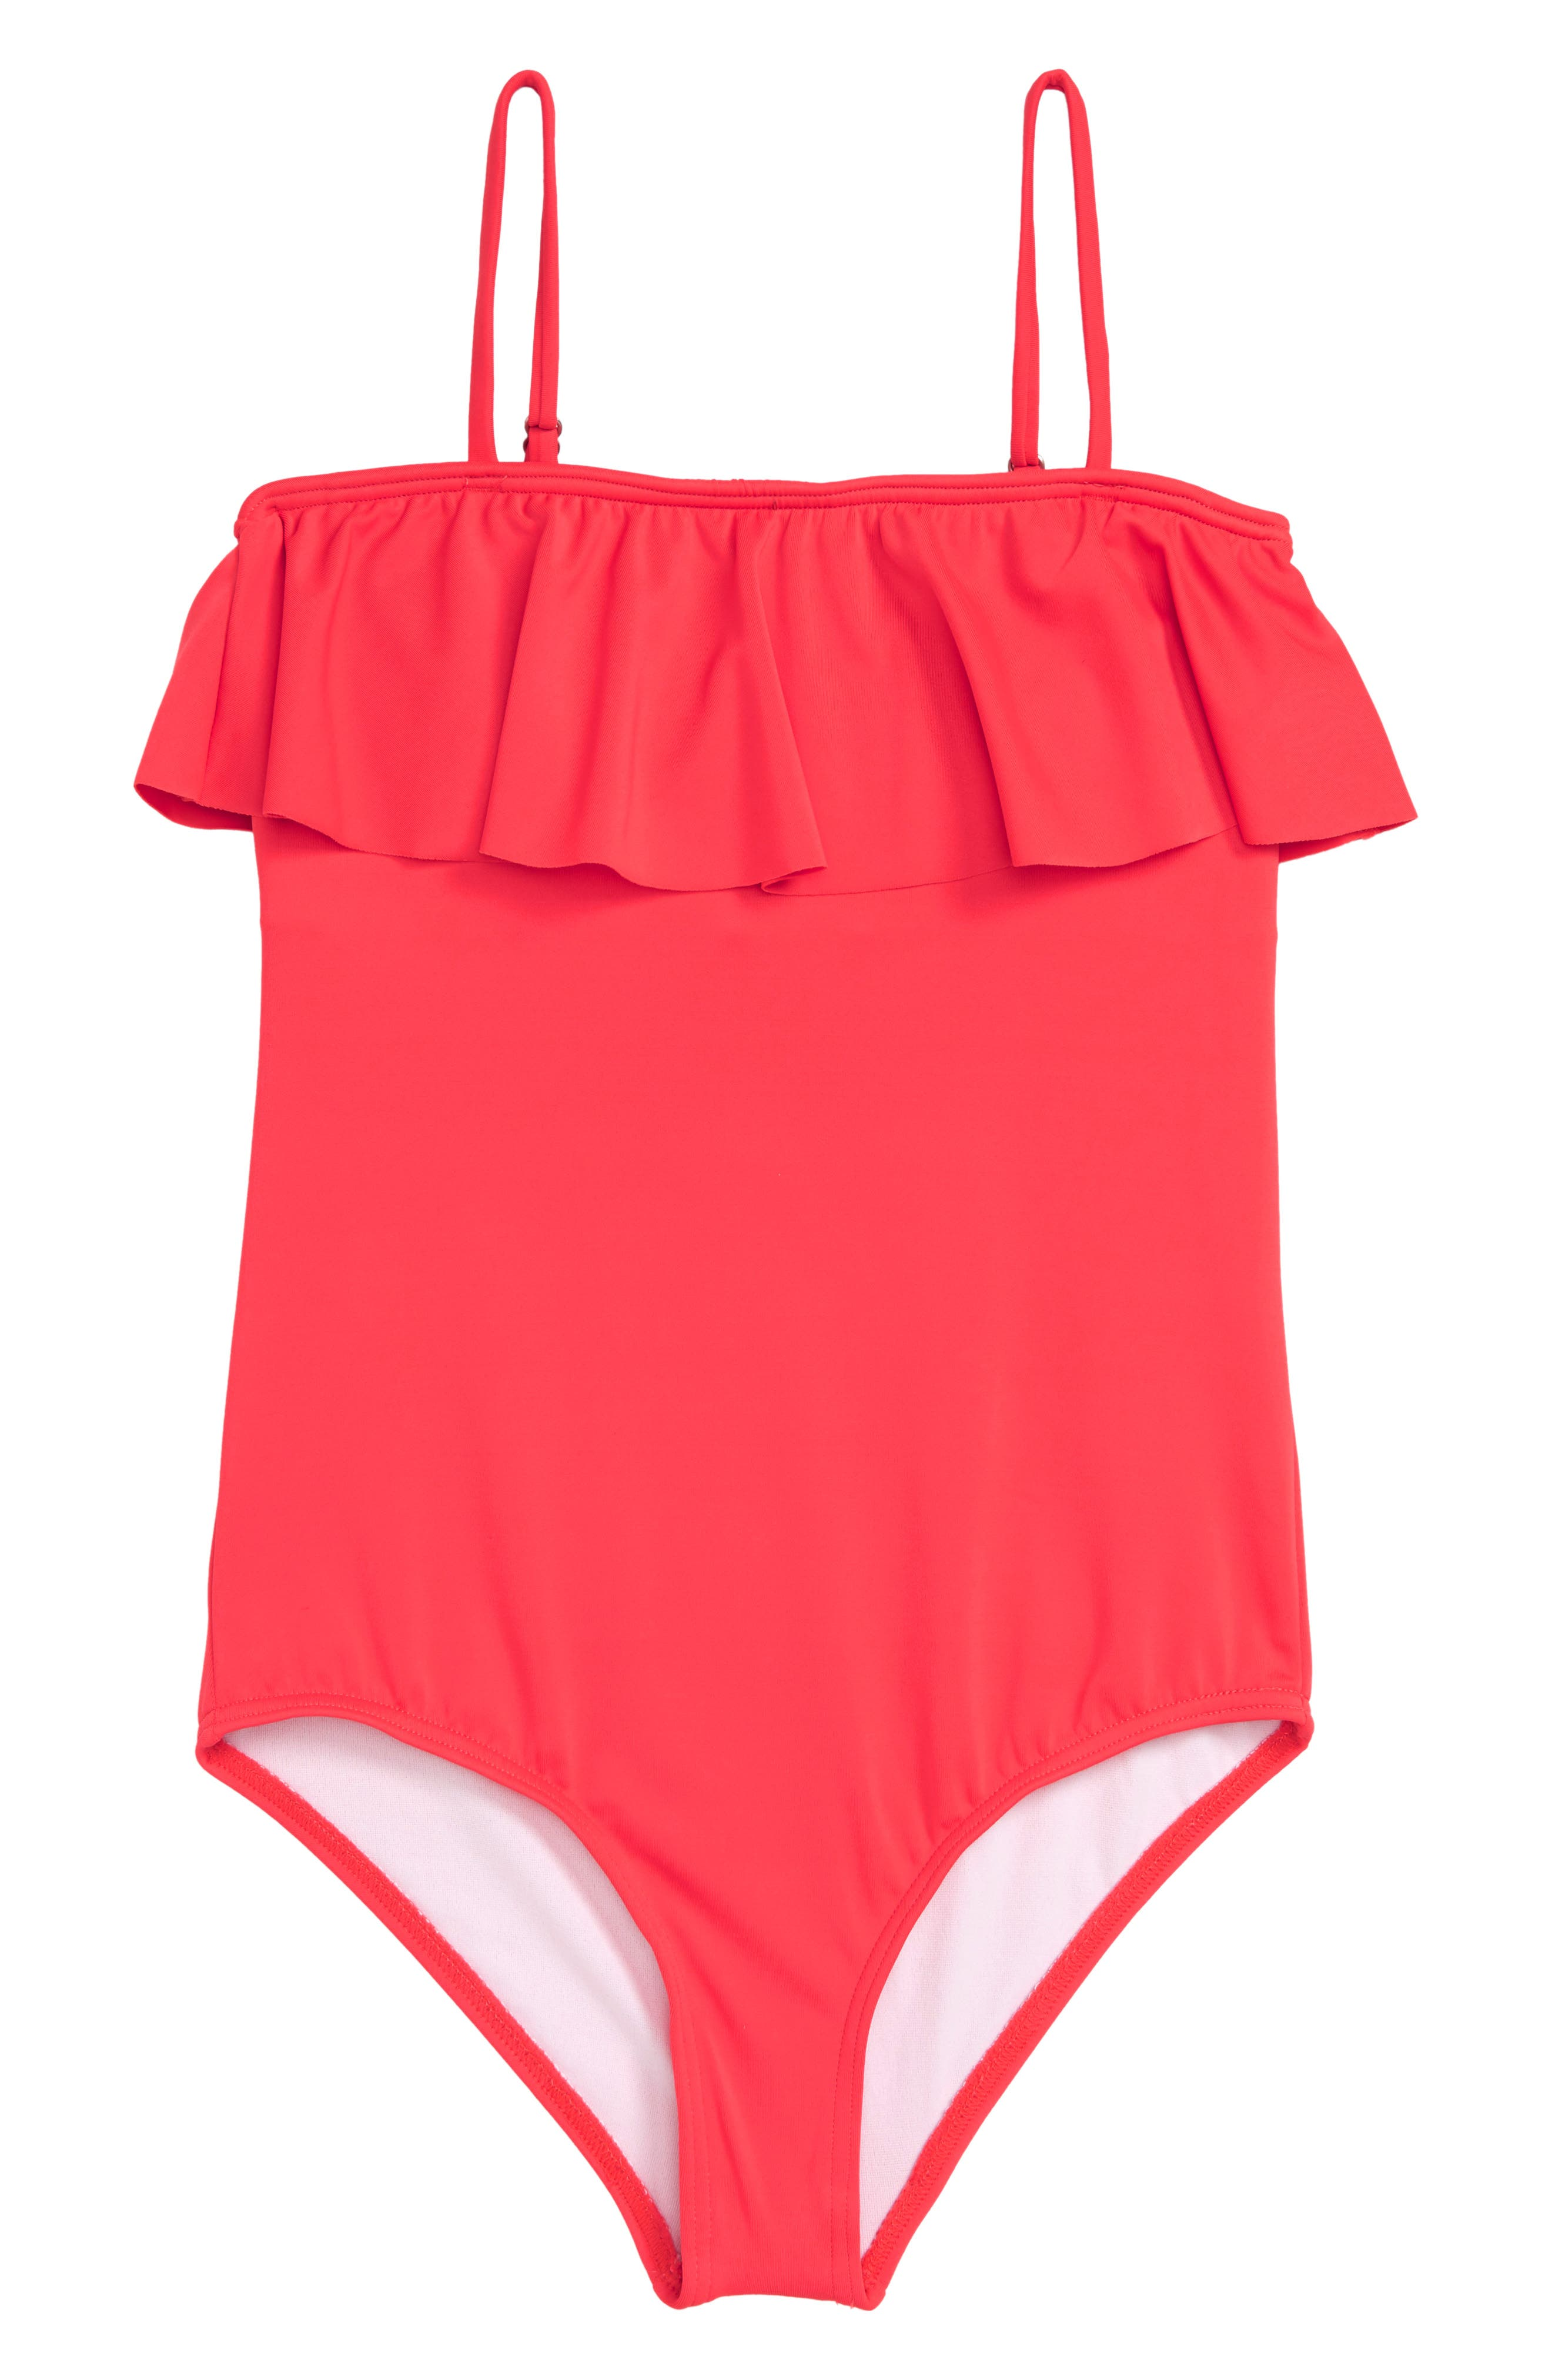 Sol Searcher One-Piece Swimsuit,                             Main thumbnail 1, color,                             GERANIUM